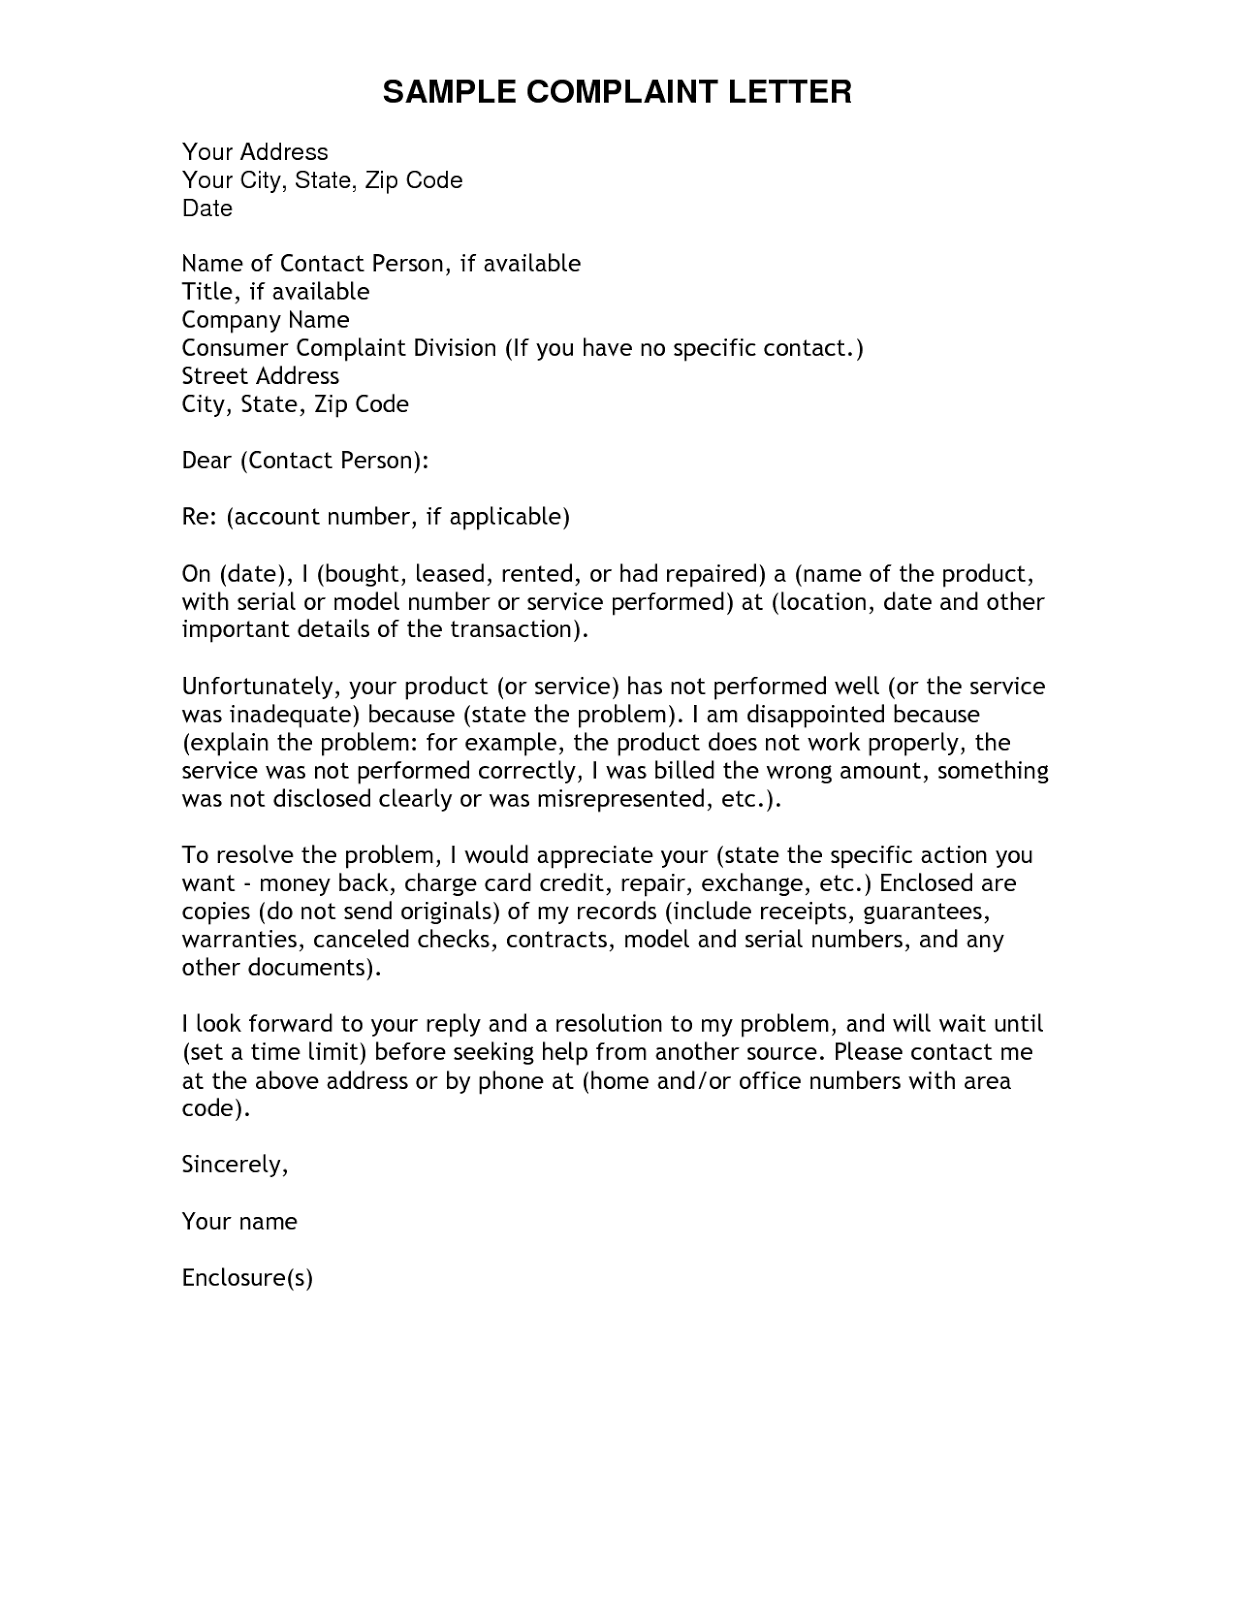 Complaint Response Letter – Smart Letters